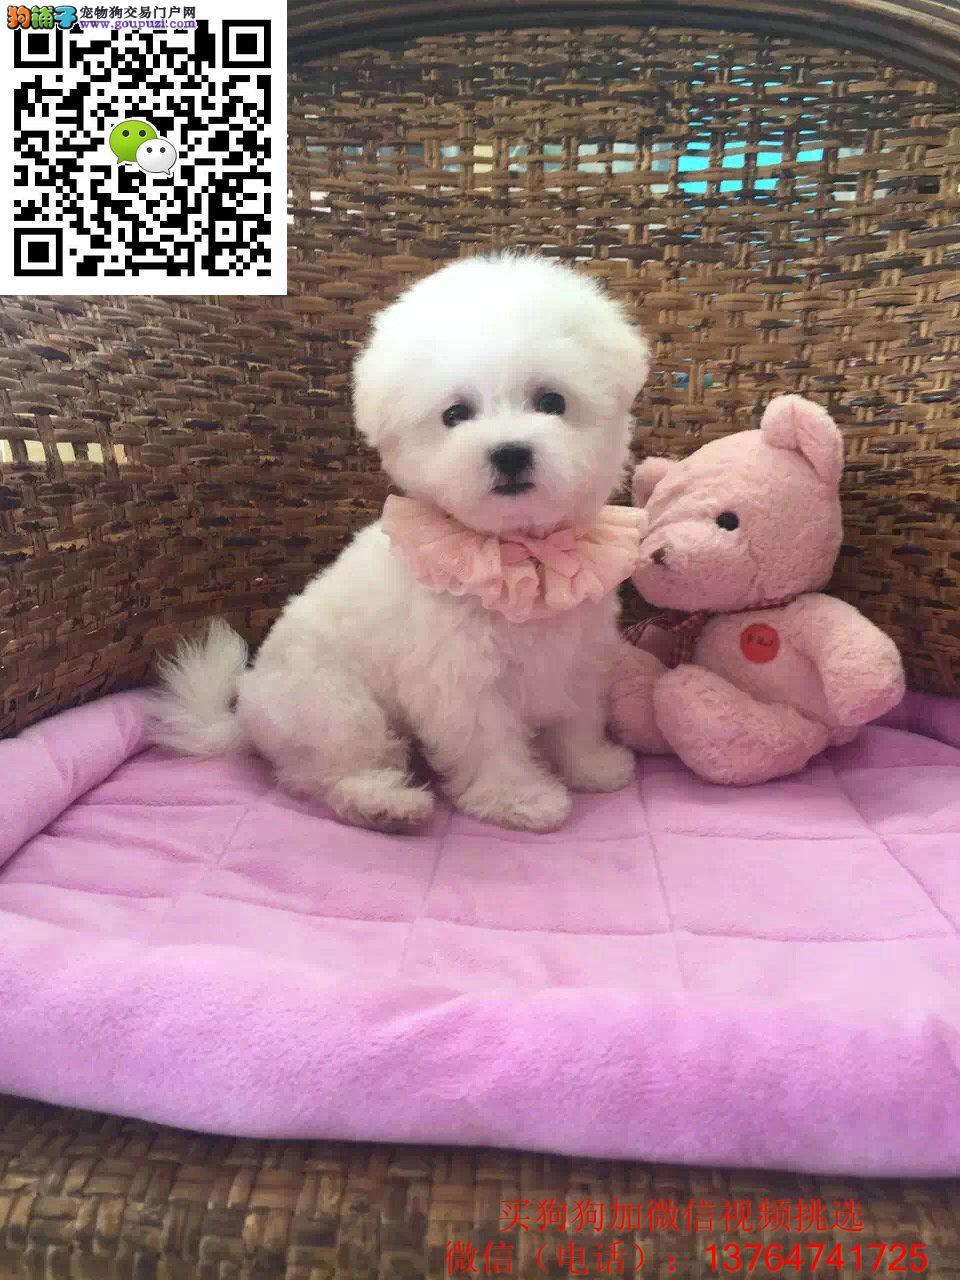 深圳比熊出售价格深圳哪卖比熊多少钱一只